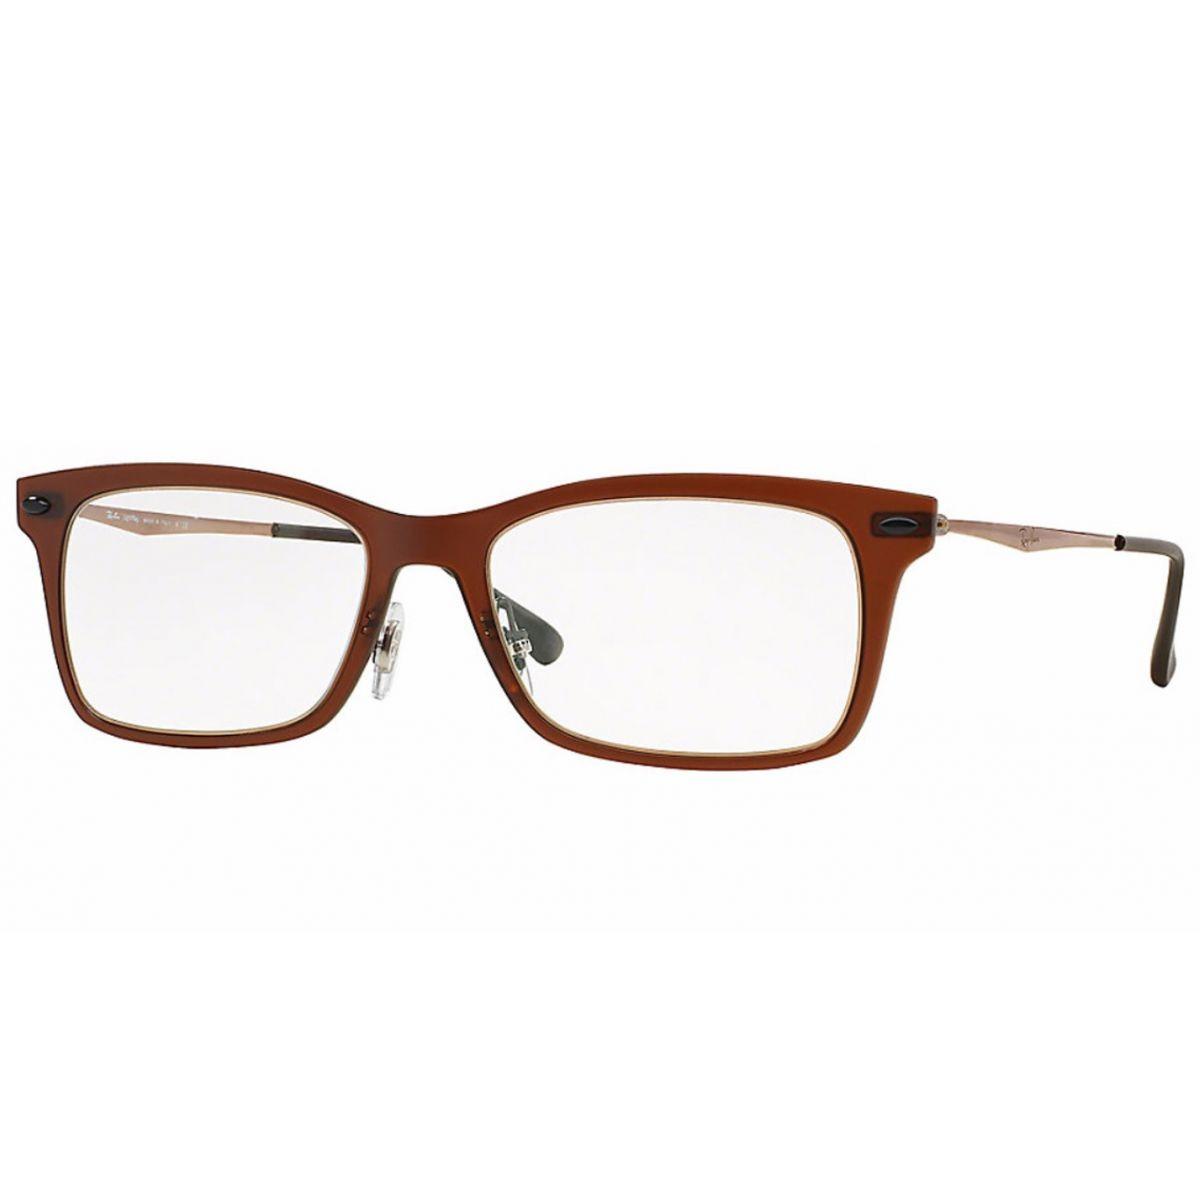 03a519e44af91 Tag  Oculos Ray Ban De Grau Feminino Mercado Livre